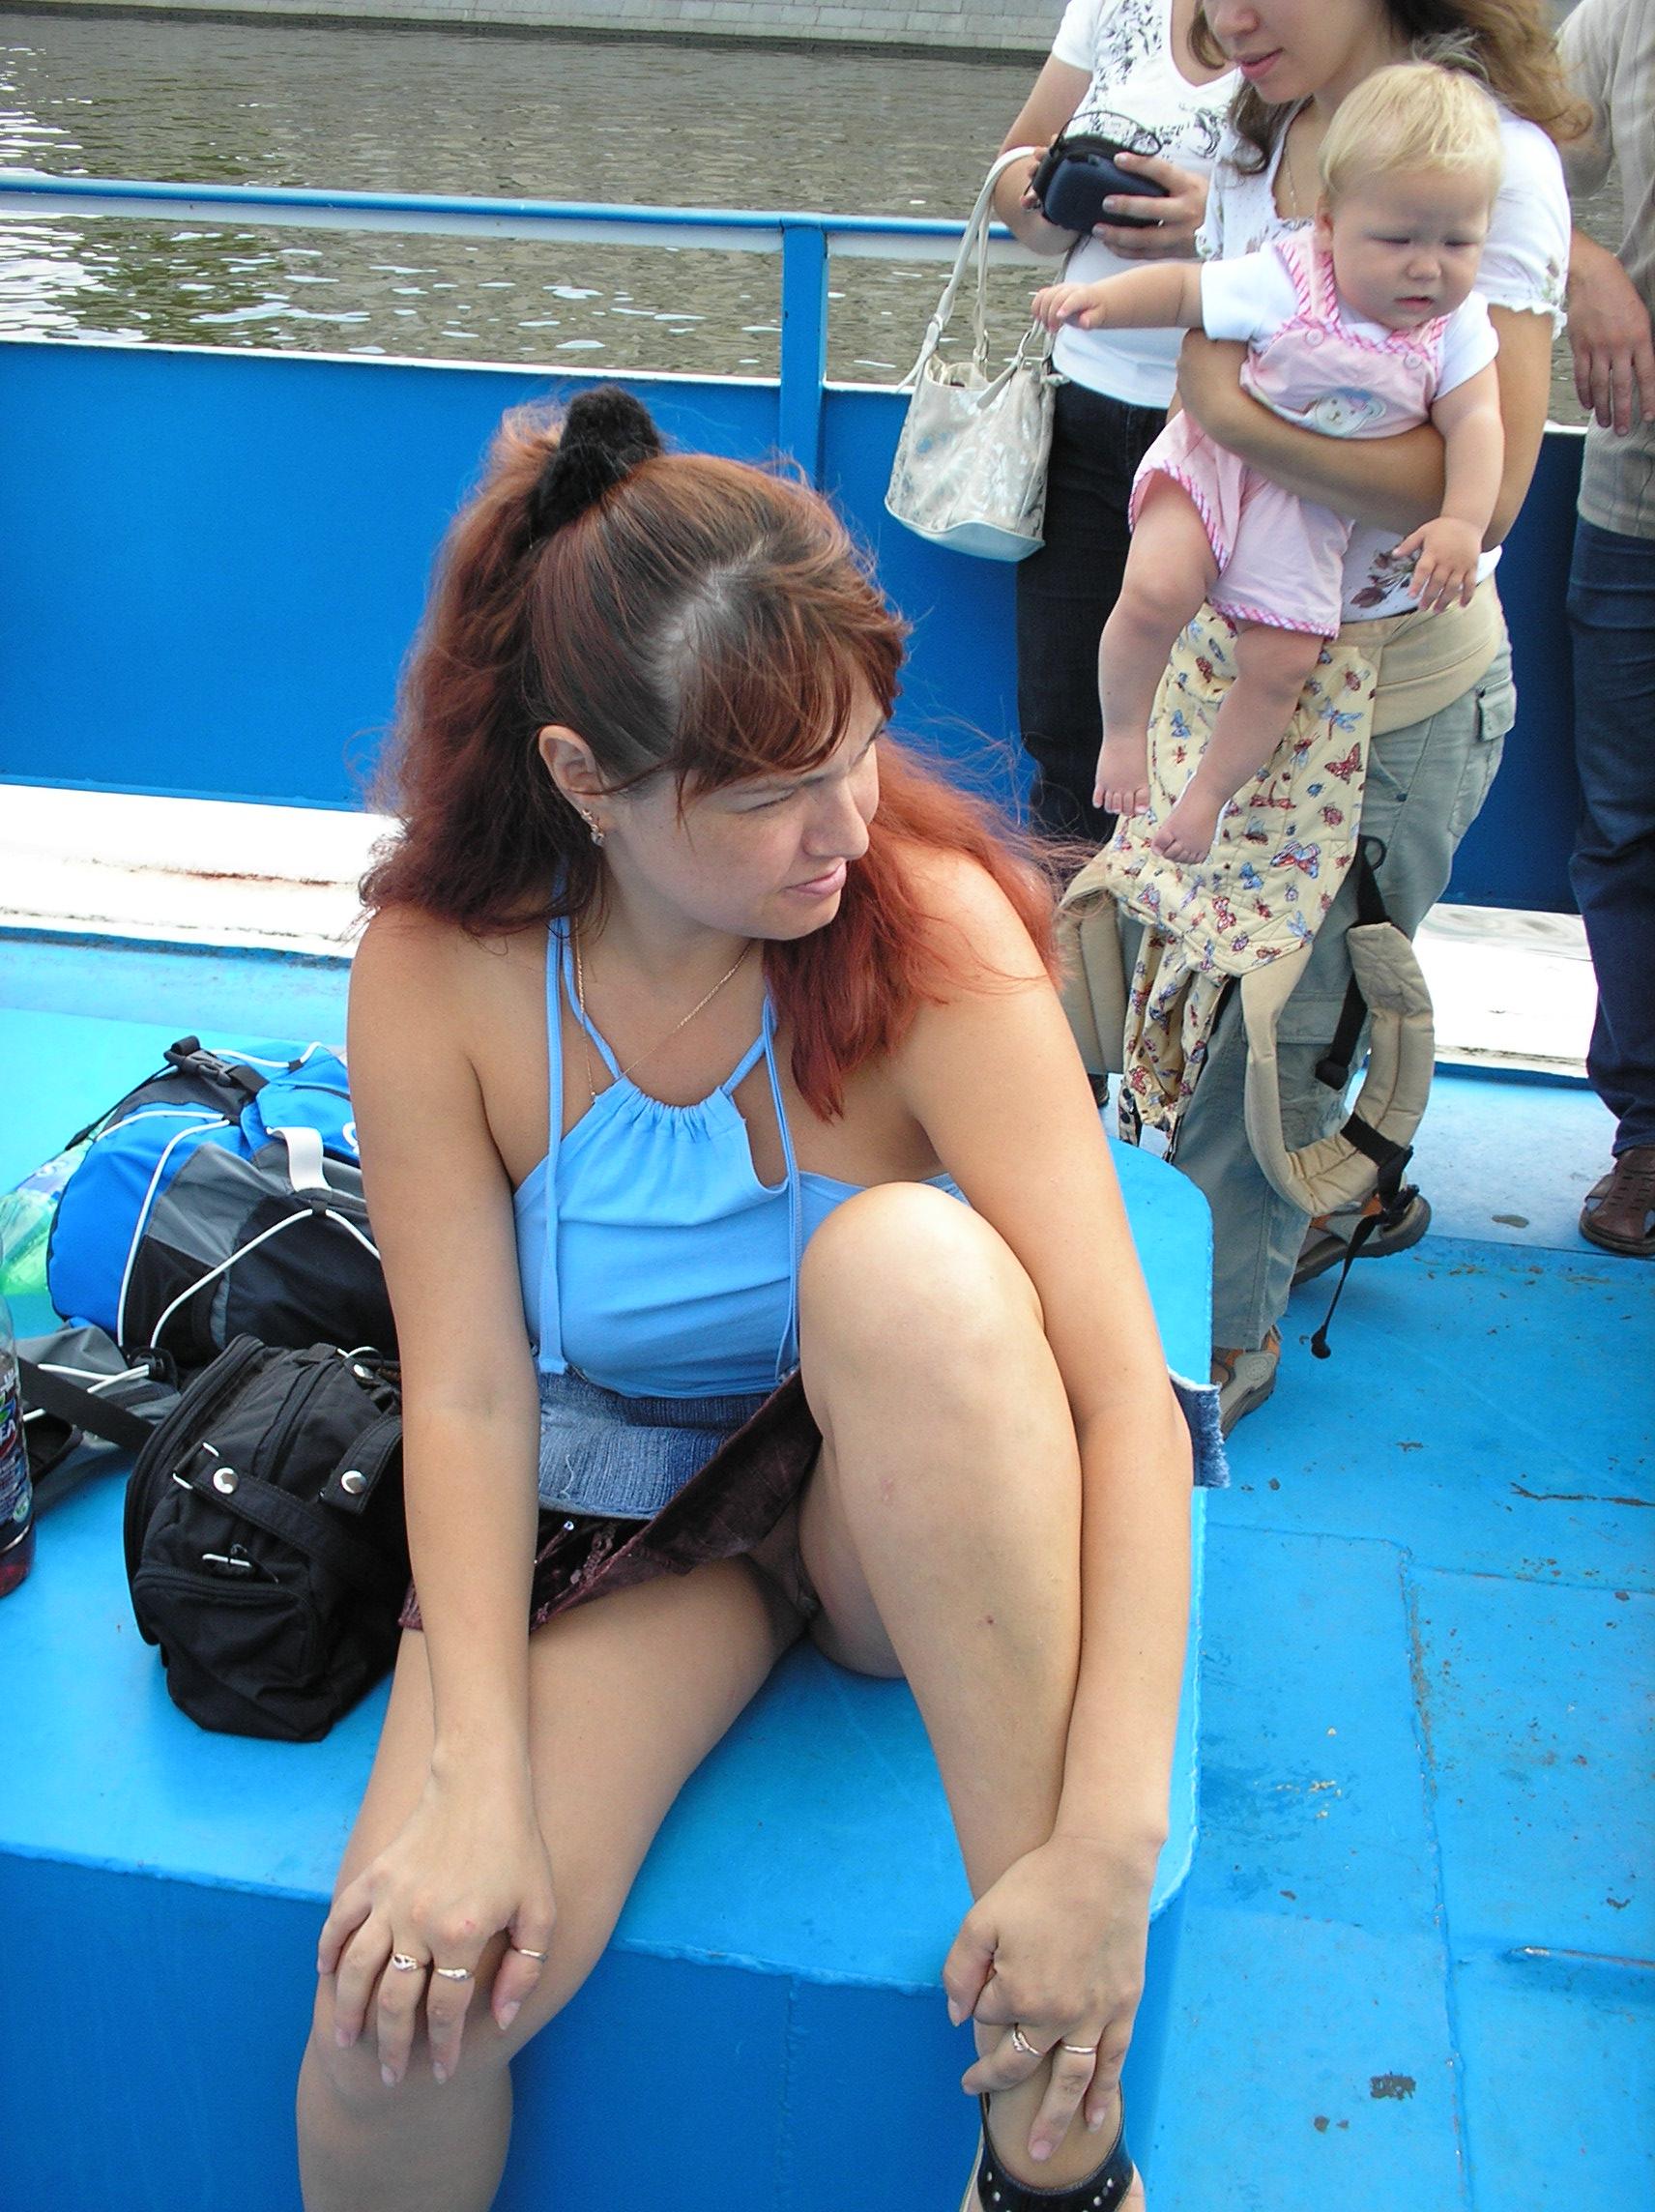 Сидячий upskirt телок девок в городе 8 фотография